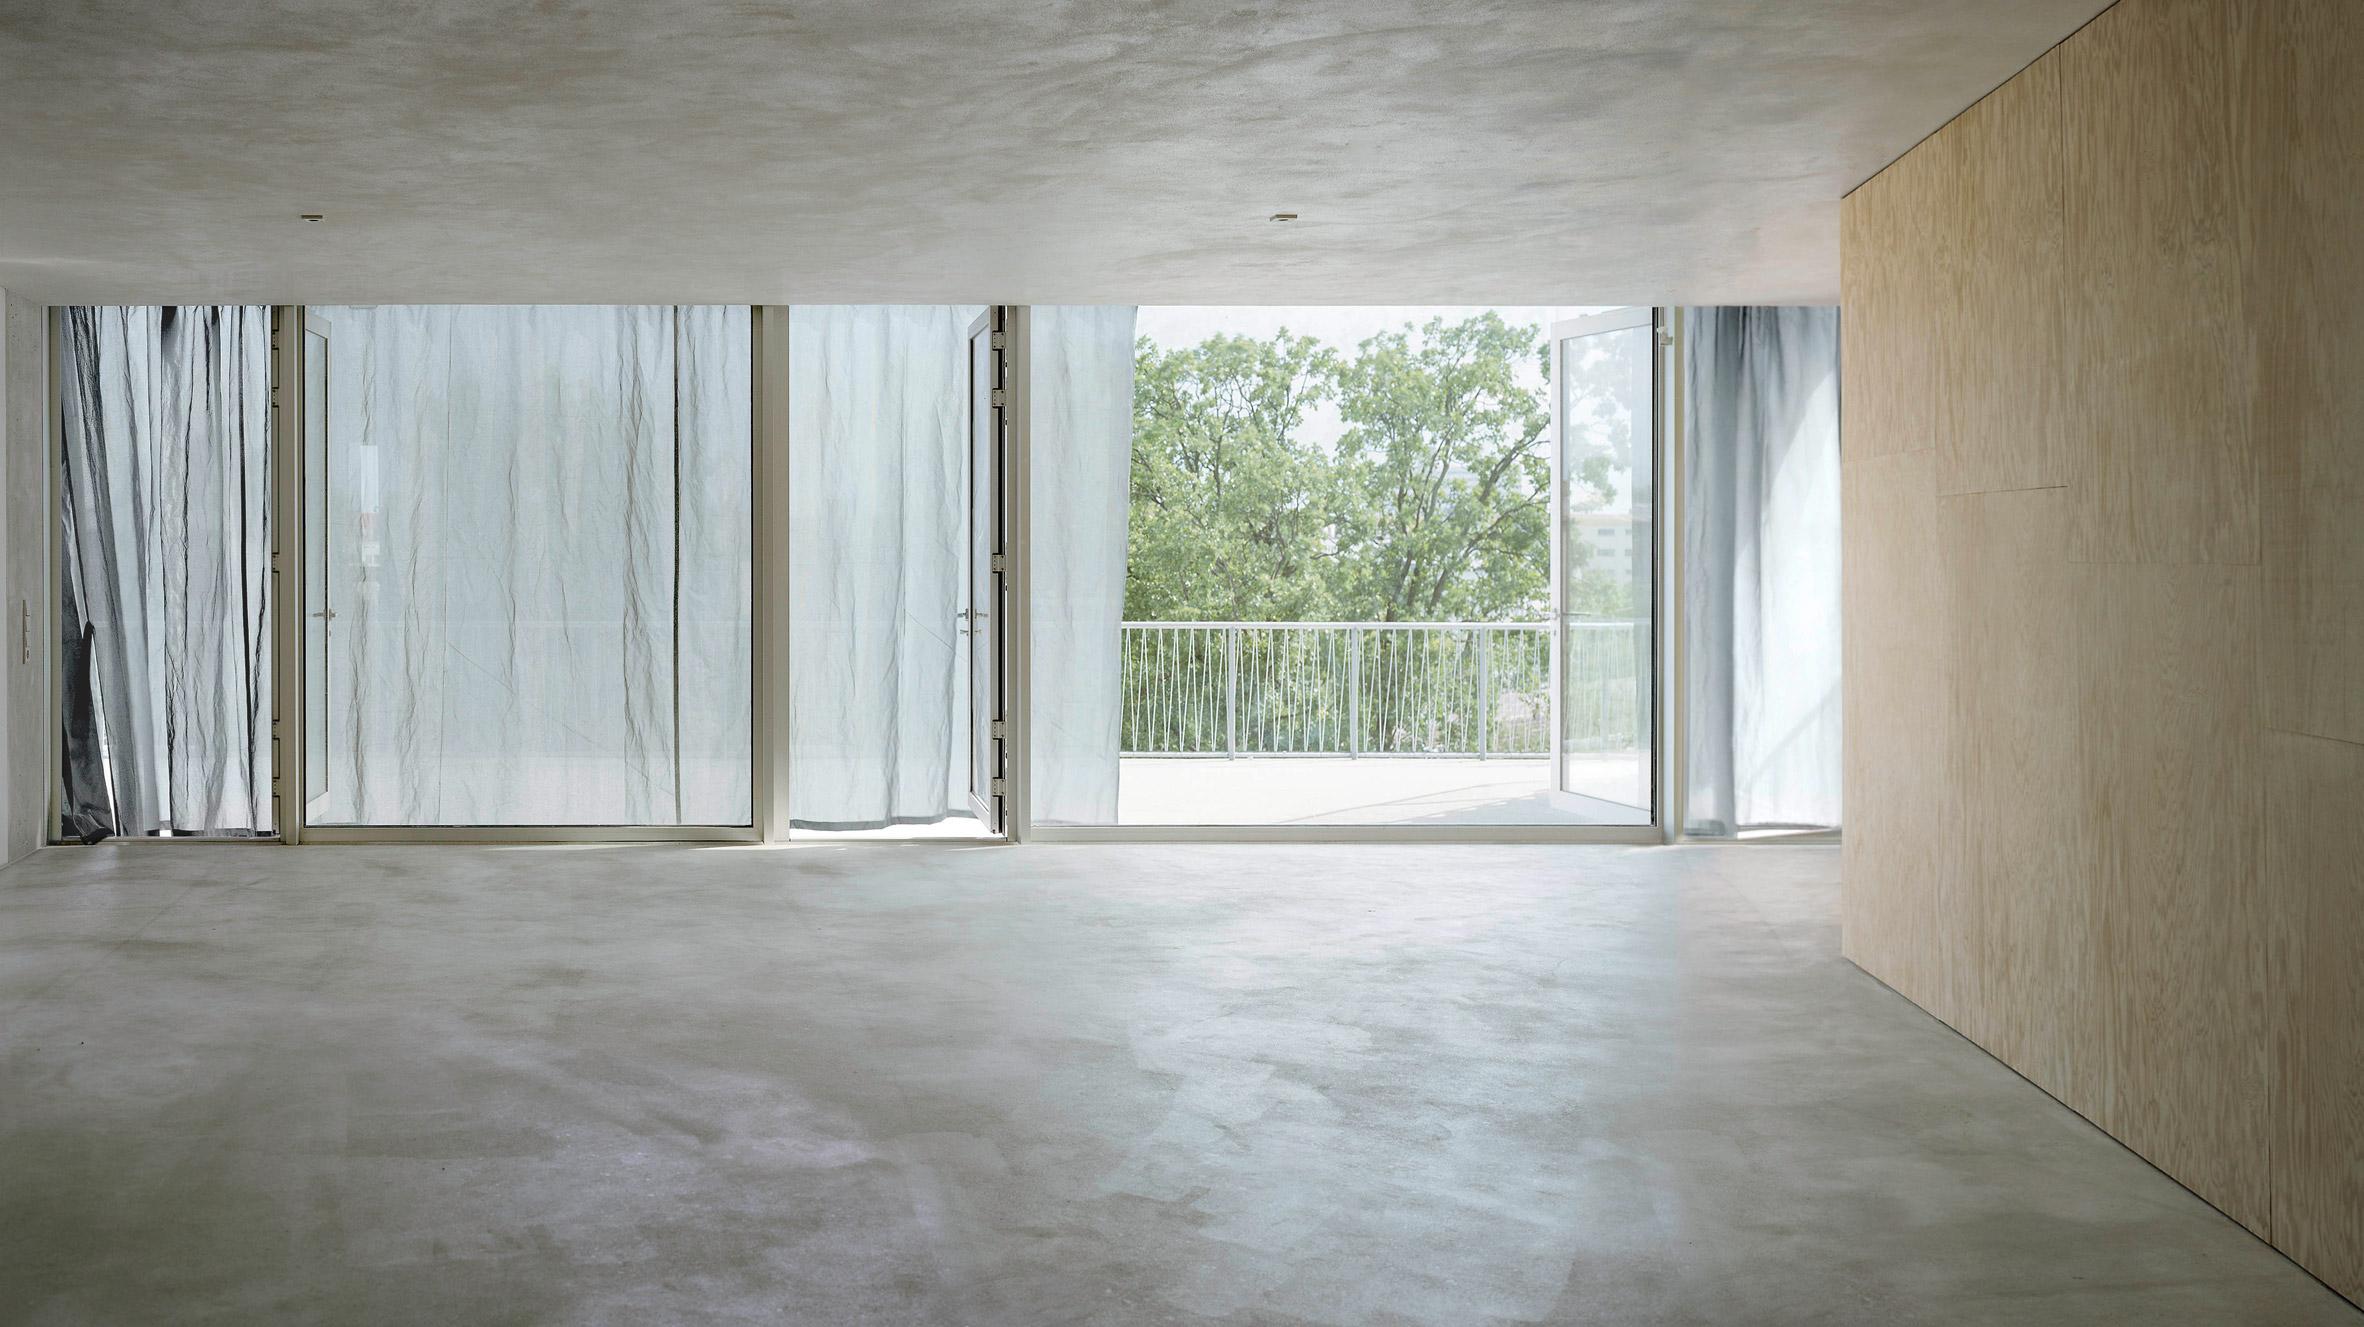 Terrassenhaus by Brandlhuber + Emde and Burlon + Muck Petzet Architekten